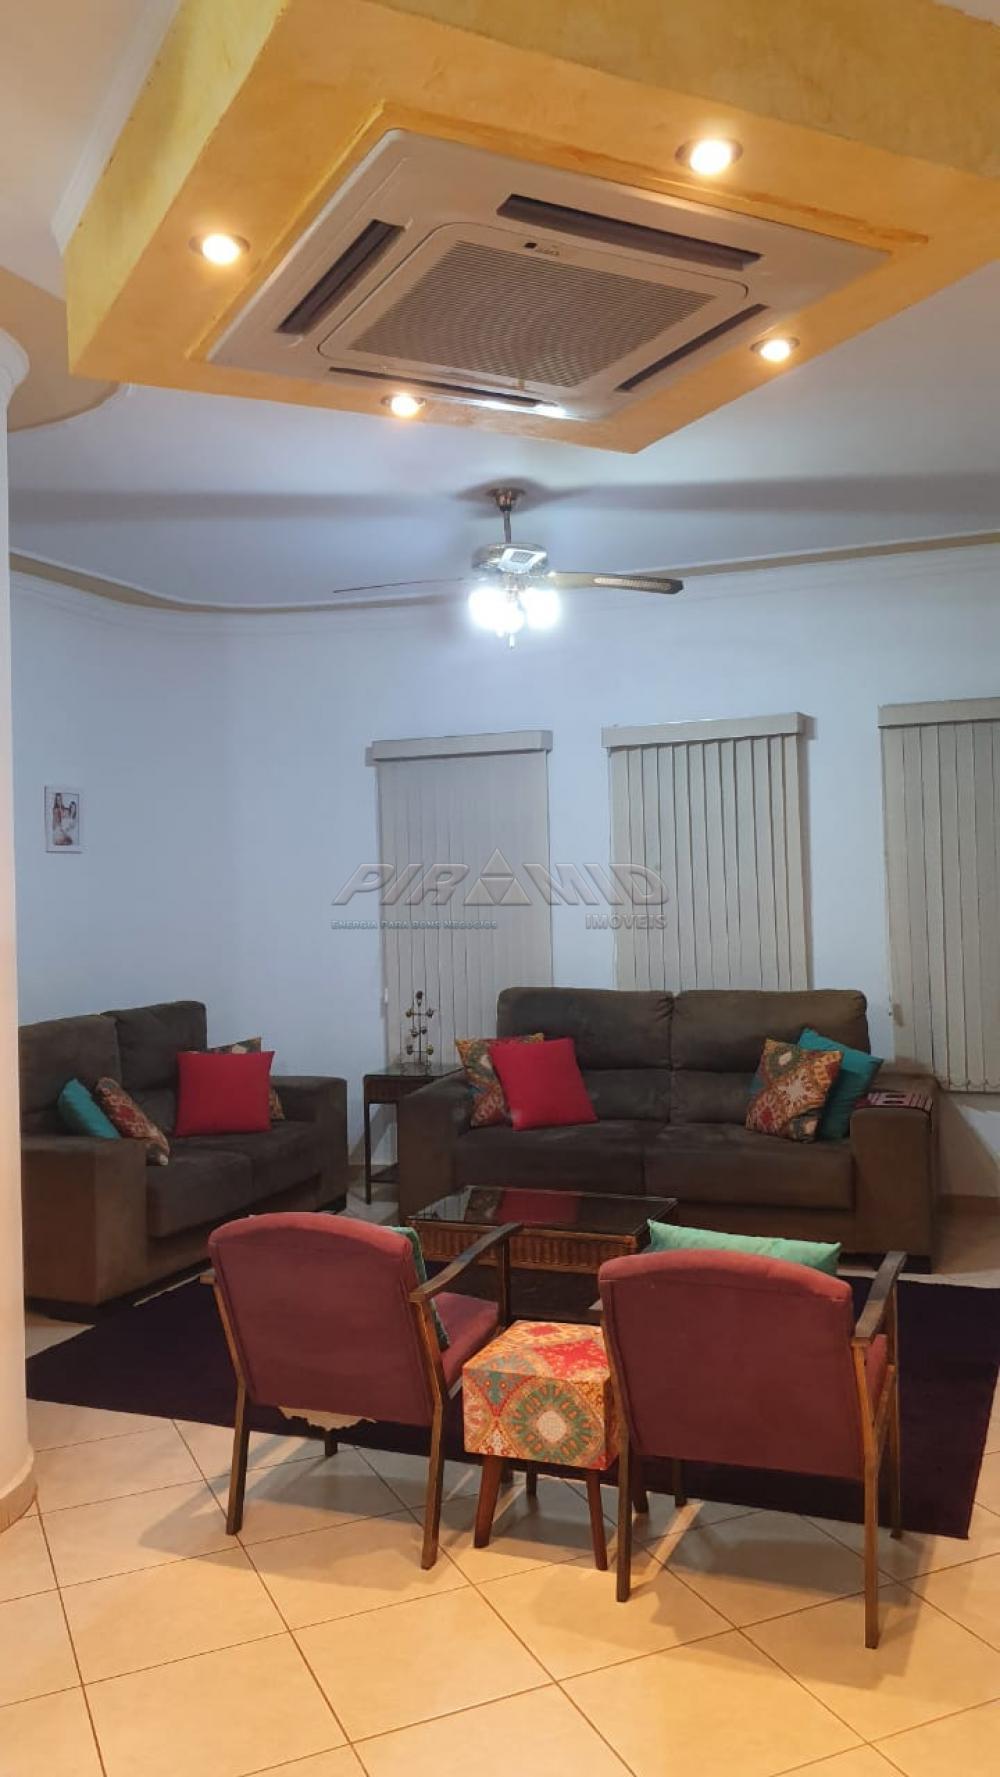 Comprar Casa / Padrão em Ribeirão Preto R$ 690.000,00 - Foto 4